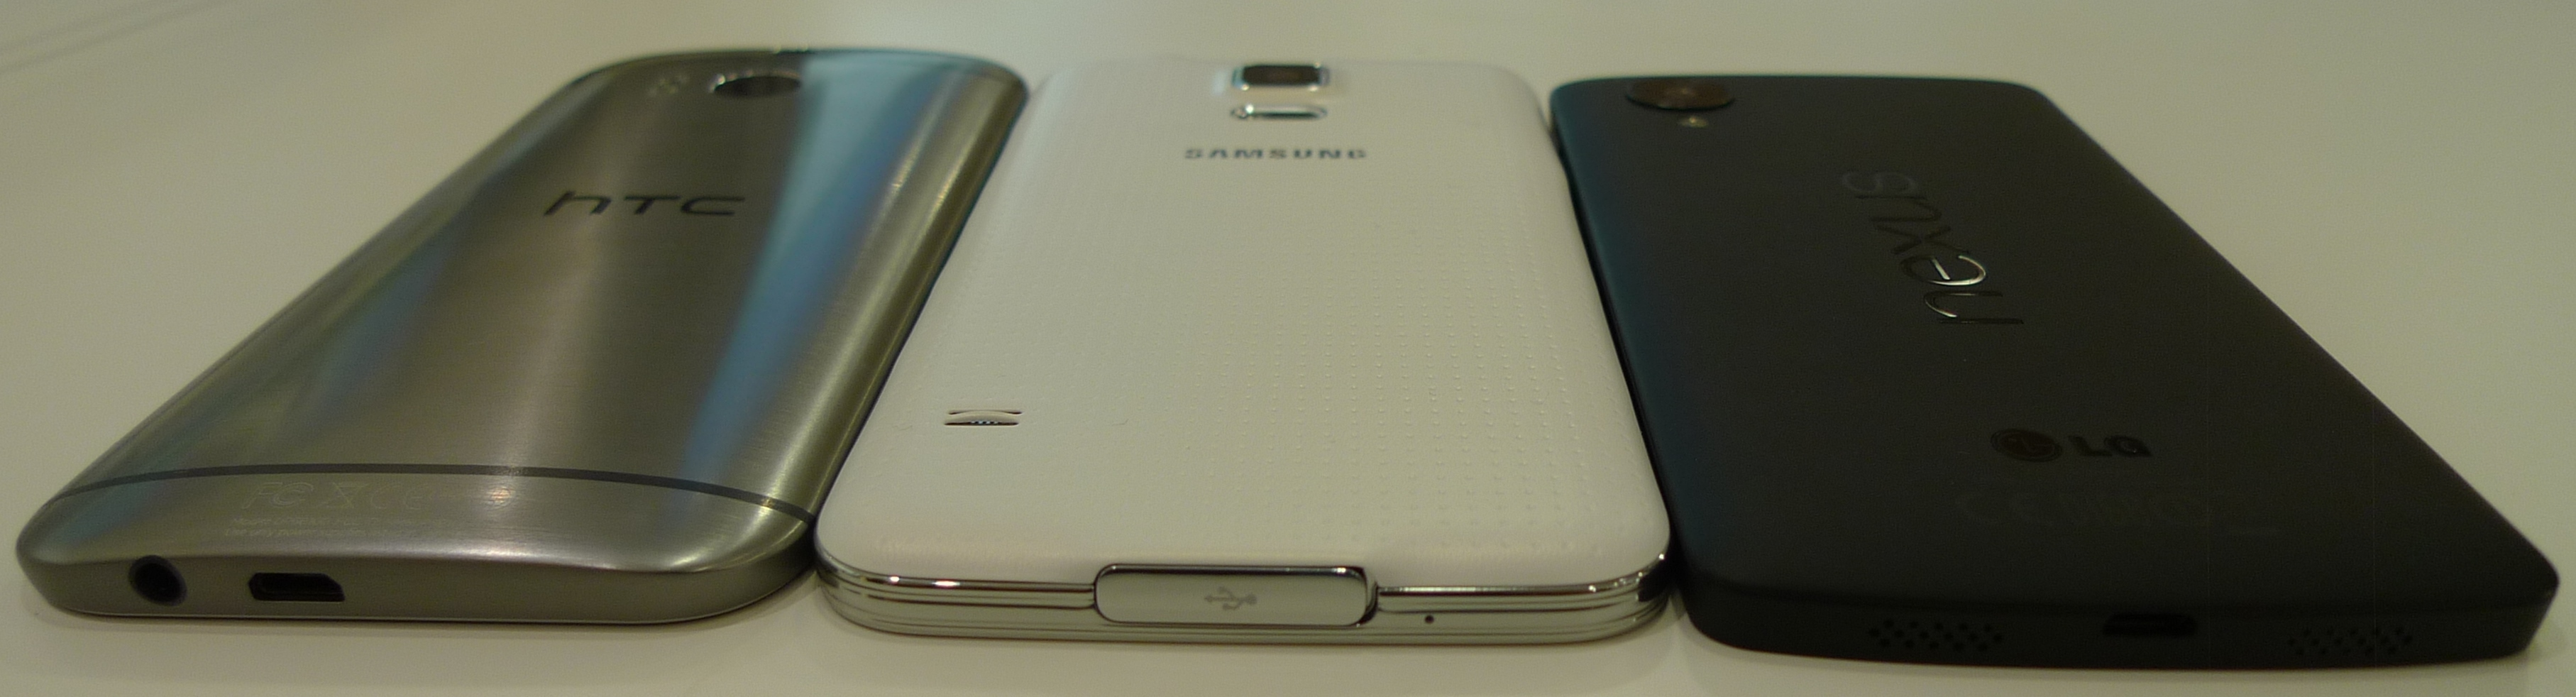 So sánh cận cảnh Samsung Galaxy S5, HTC One M8 và LG Nexus 5 3